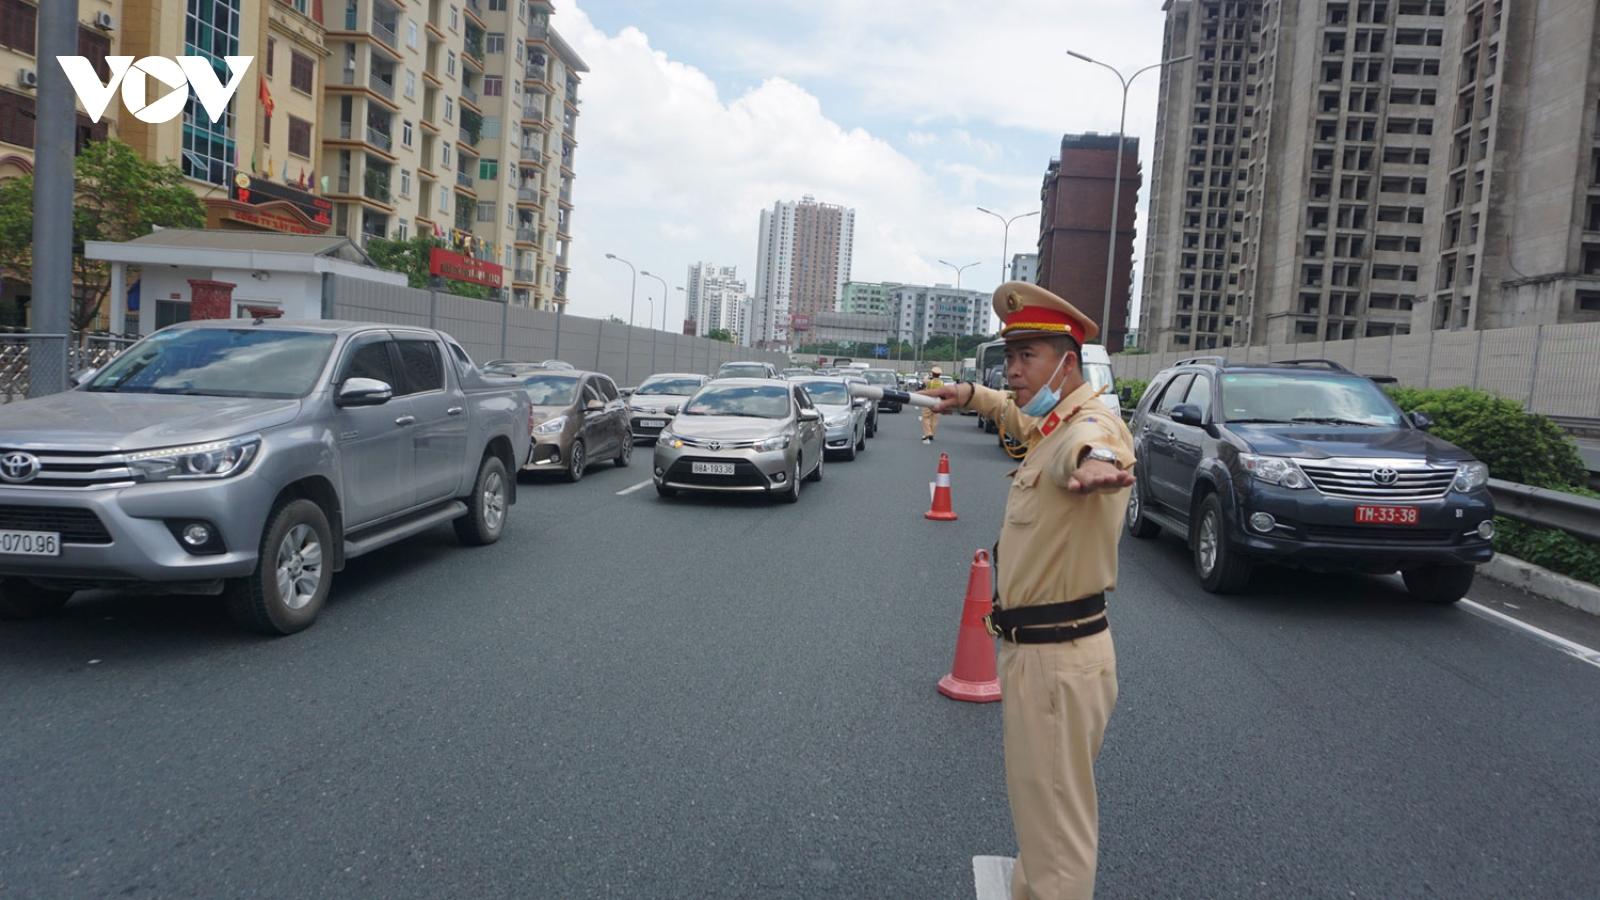 16 người chết vì tai nạn giao thông trong ngày thứ 3 nghỉ lễ